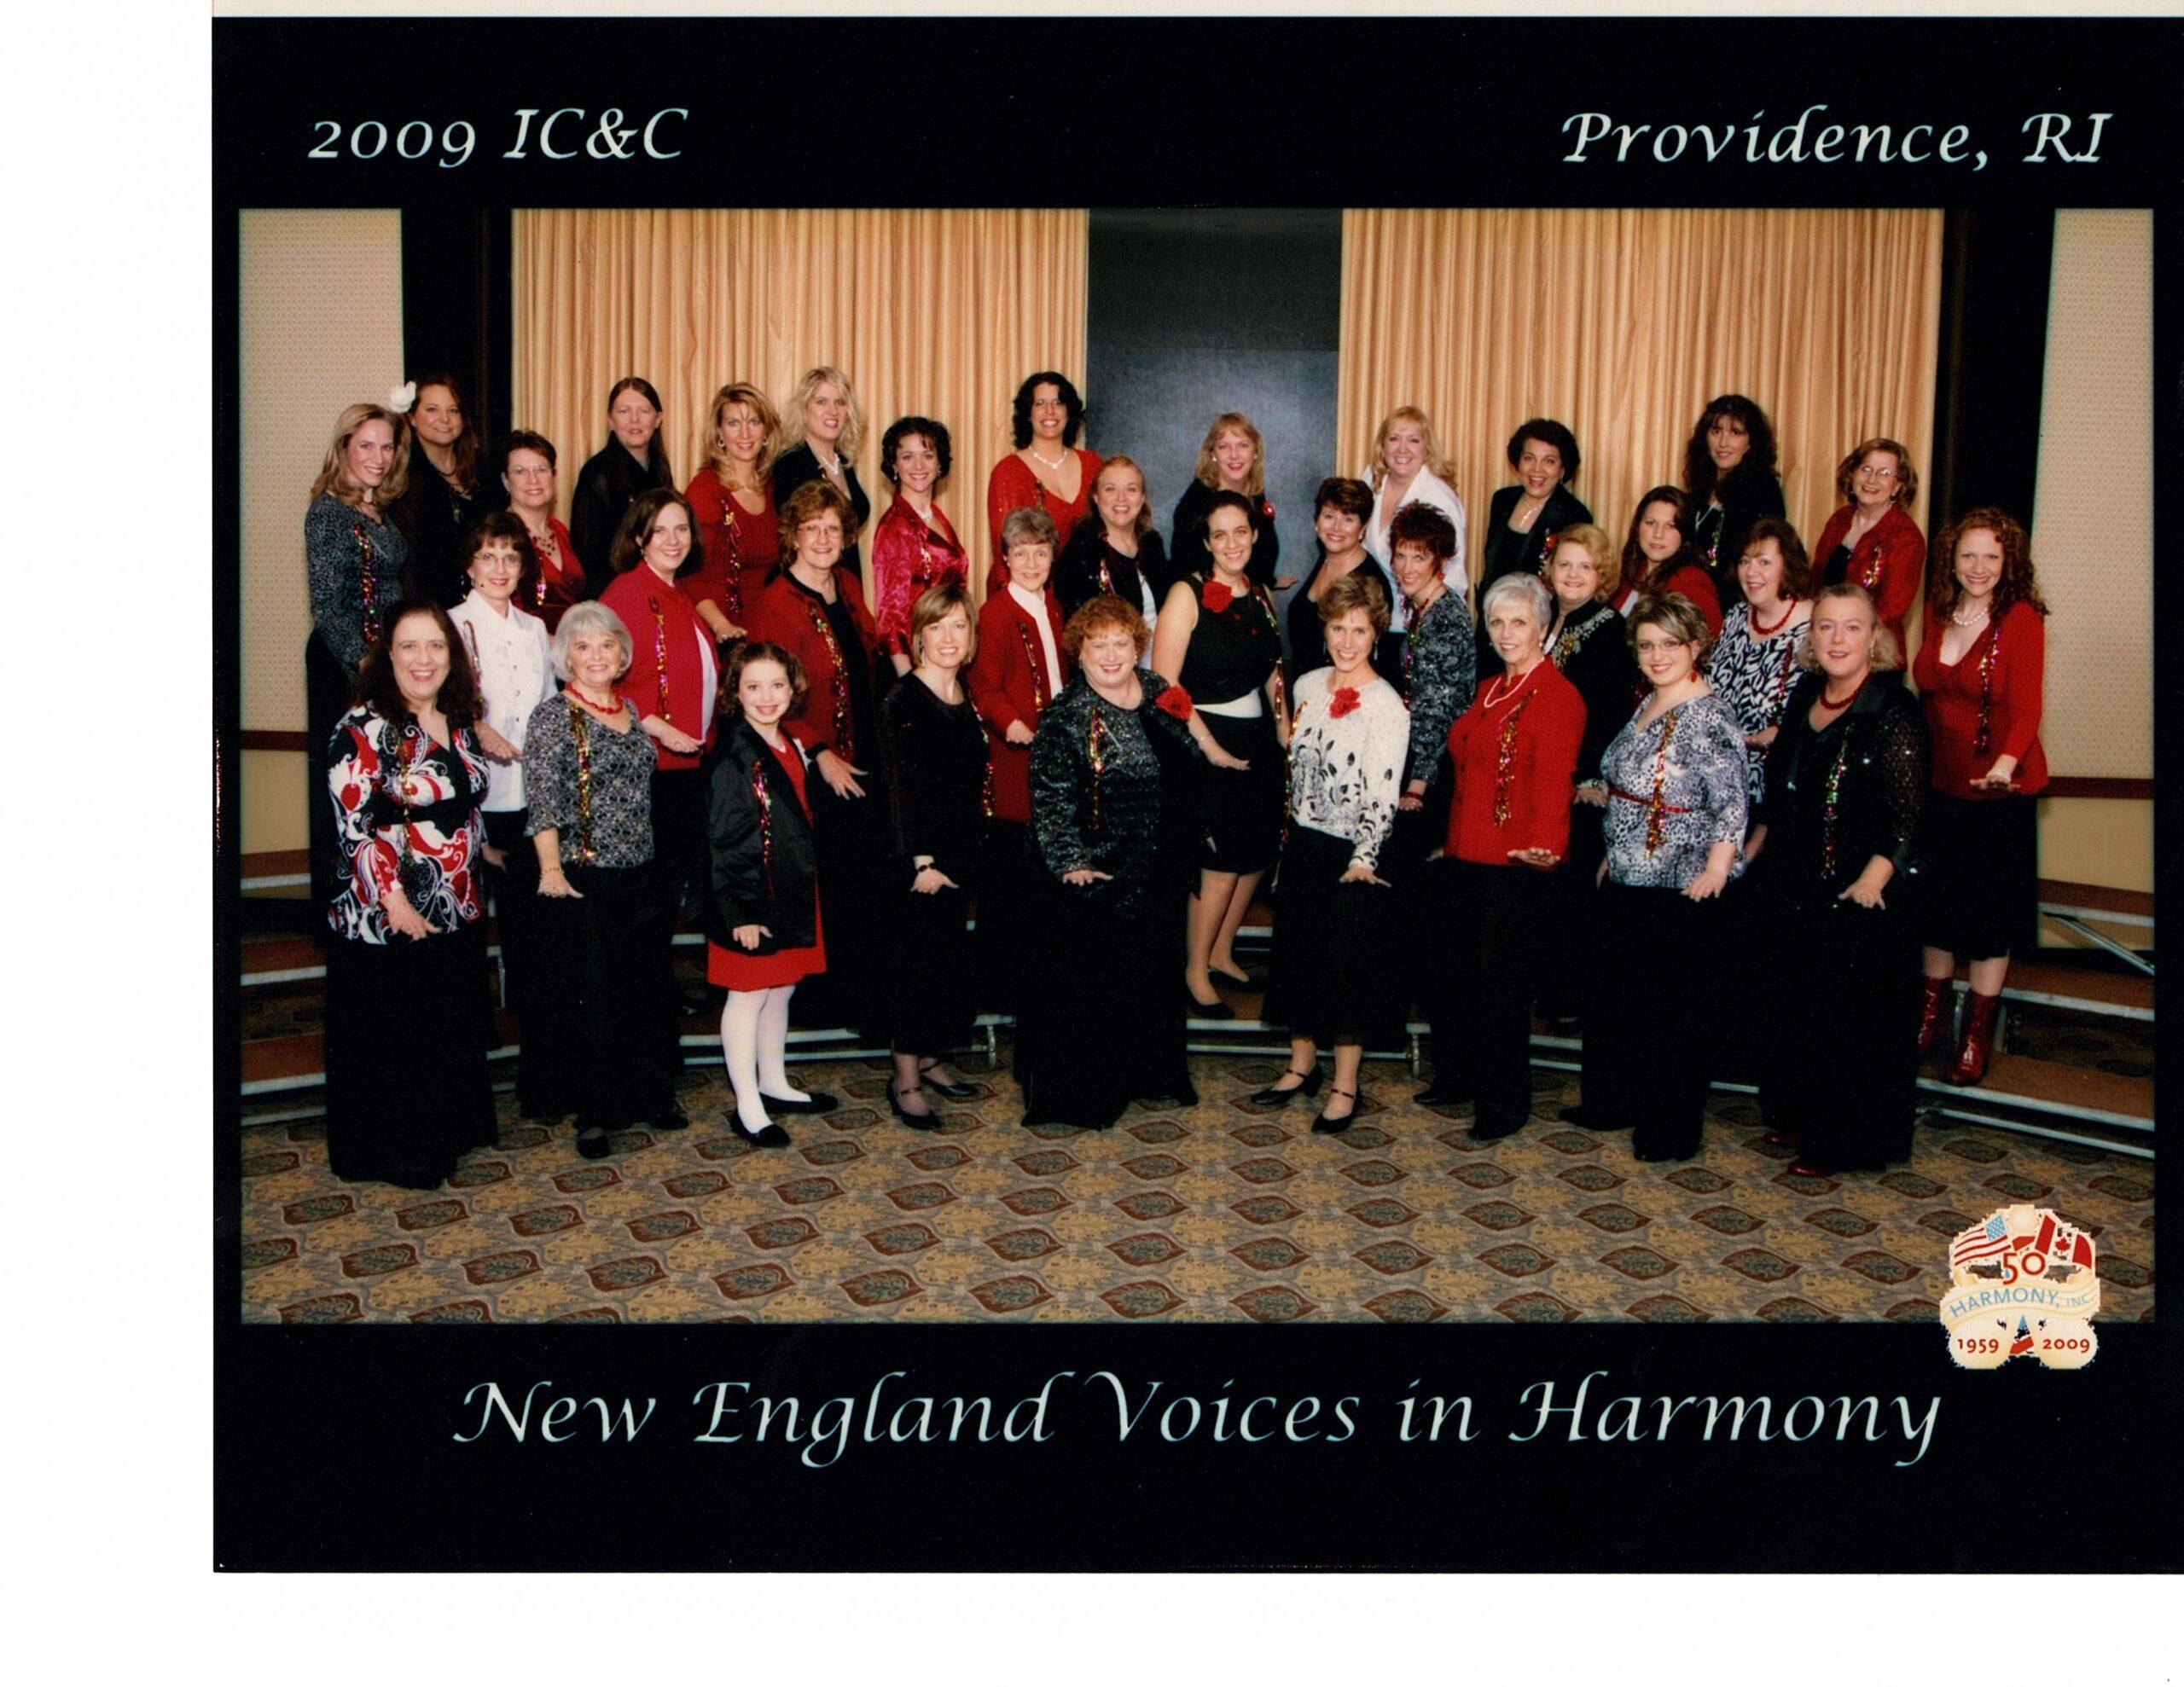 VoicesICC2009